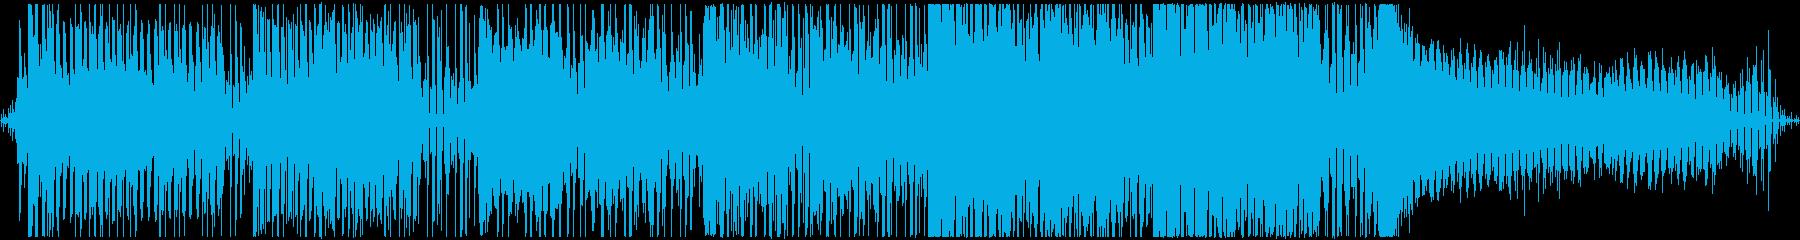 美しくピアノ響く和風プログレッシブハウスの再生済みの波形